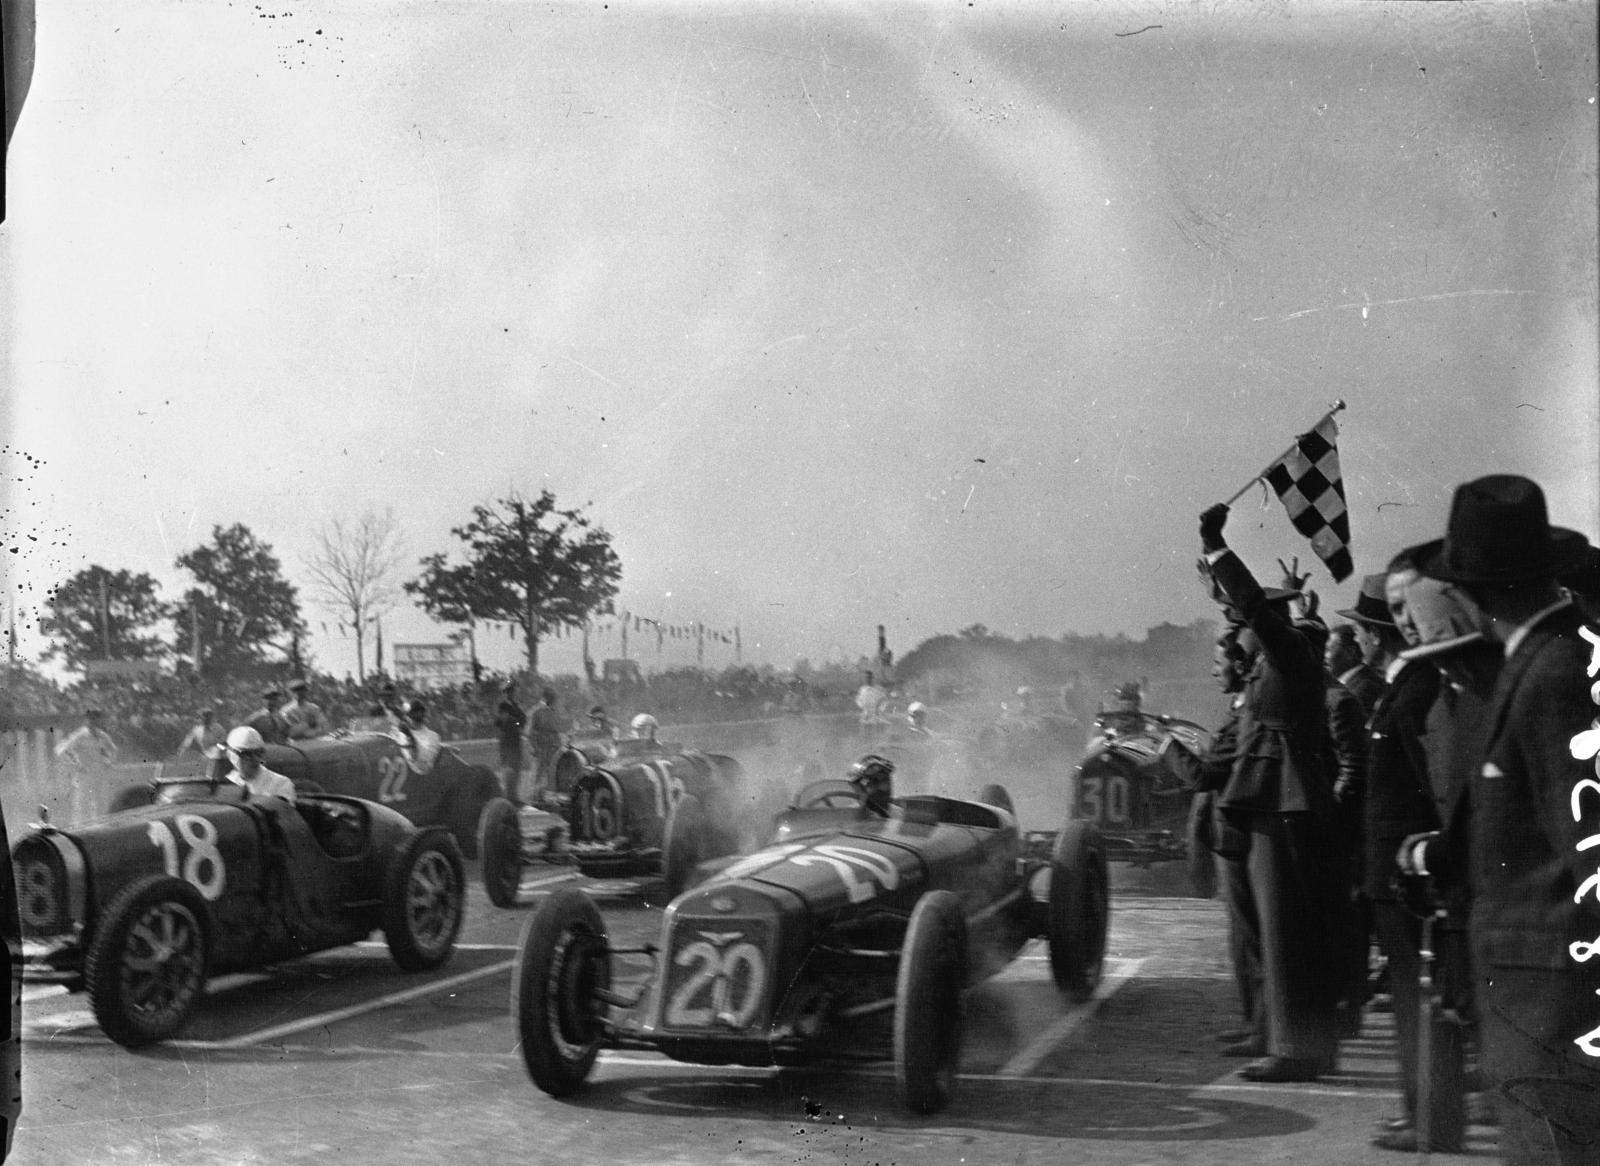 italian gp 1931 start